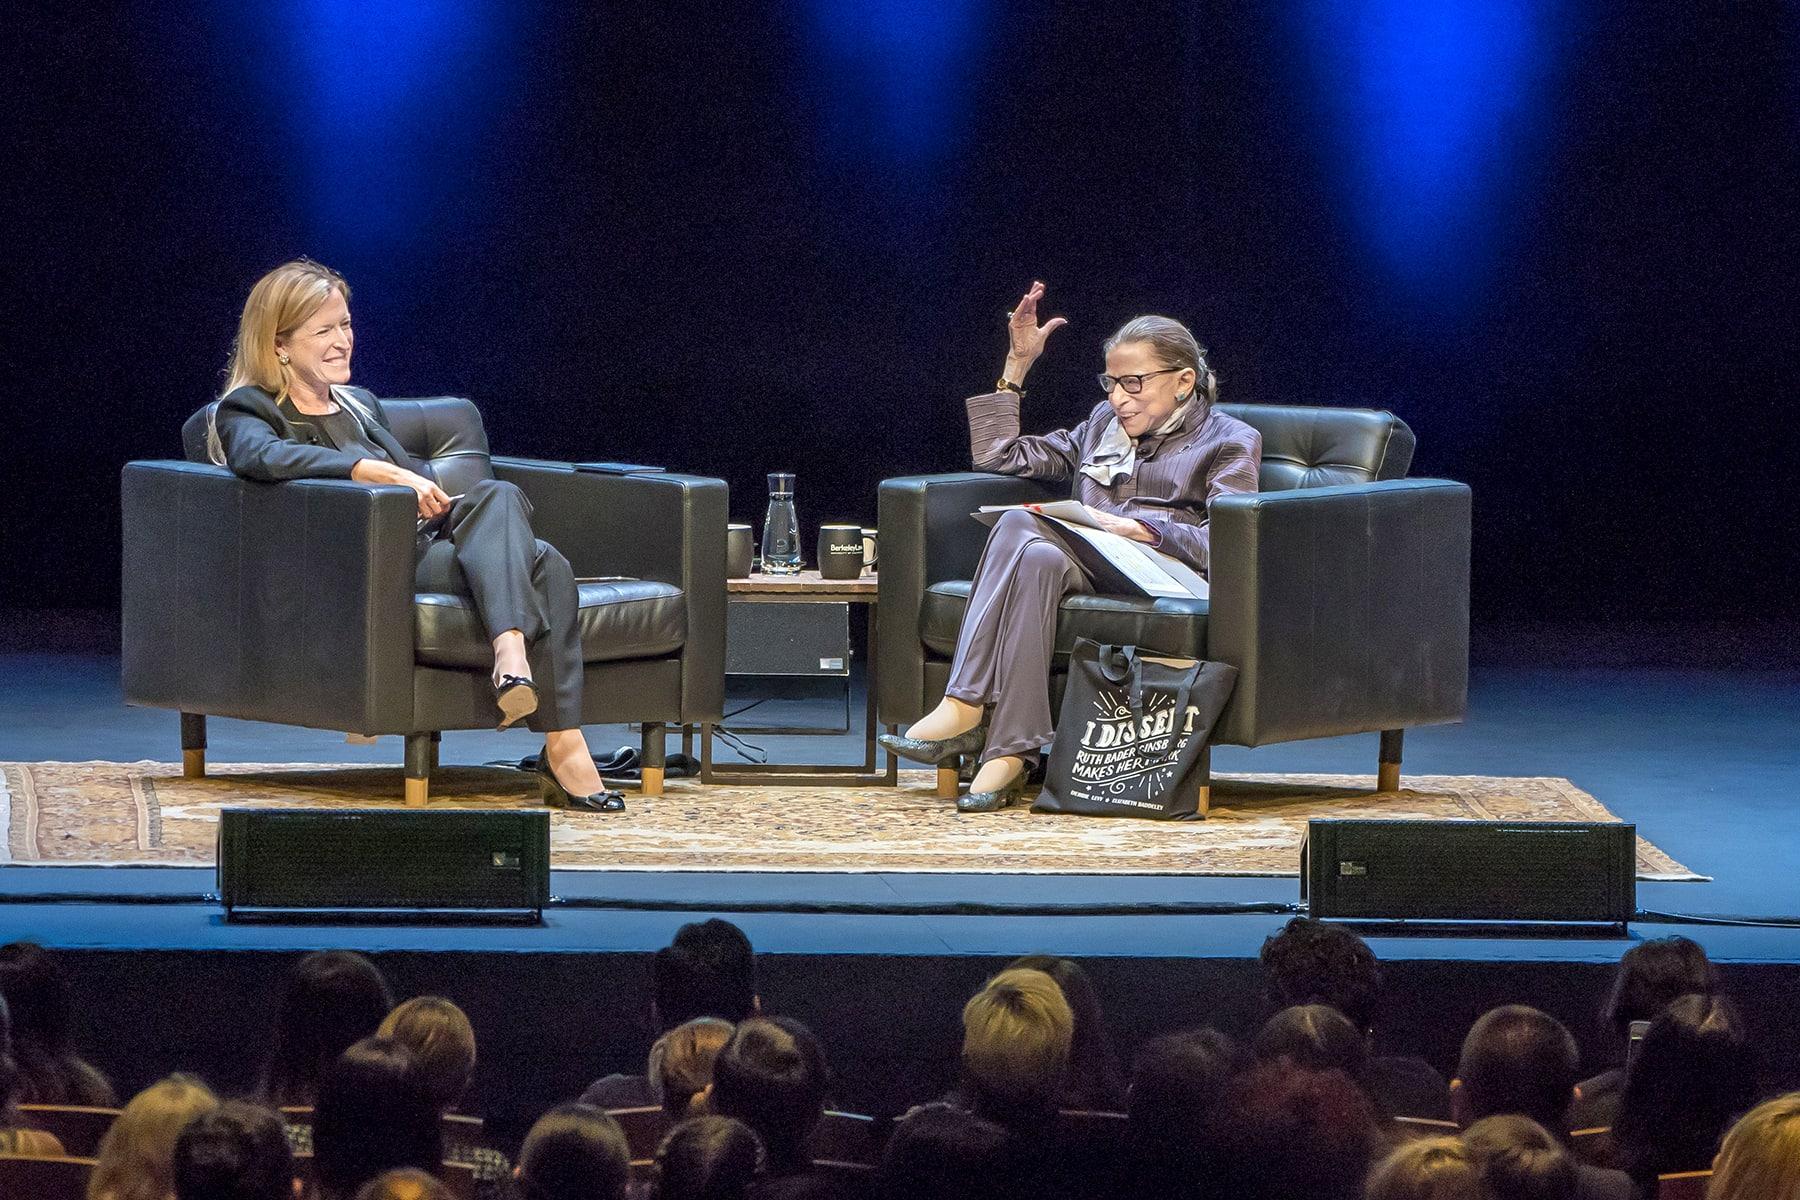 רות ביידר גינזברוג ואמנדה ל. טיילר בסימפוזיון באוניברסיטת ברקלי ב-2005 (צילום: אוניברסיטת ברקלי)